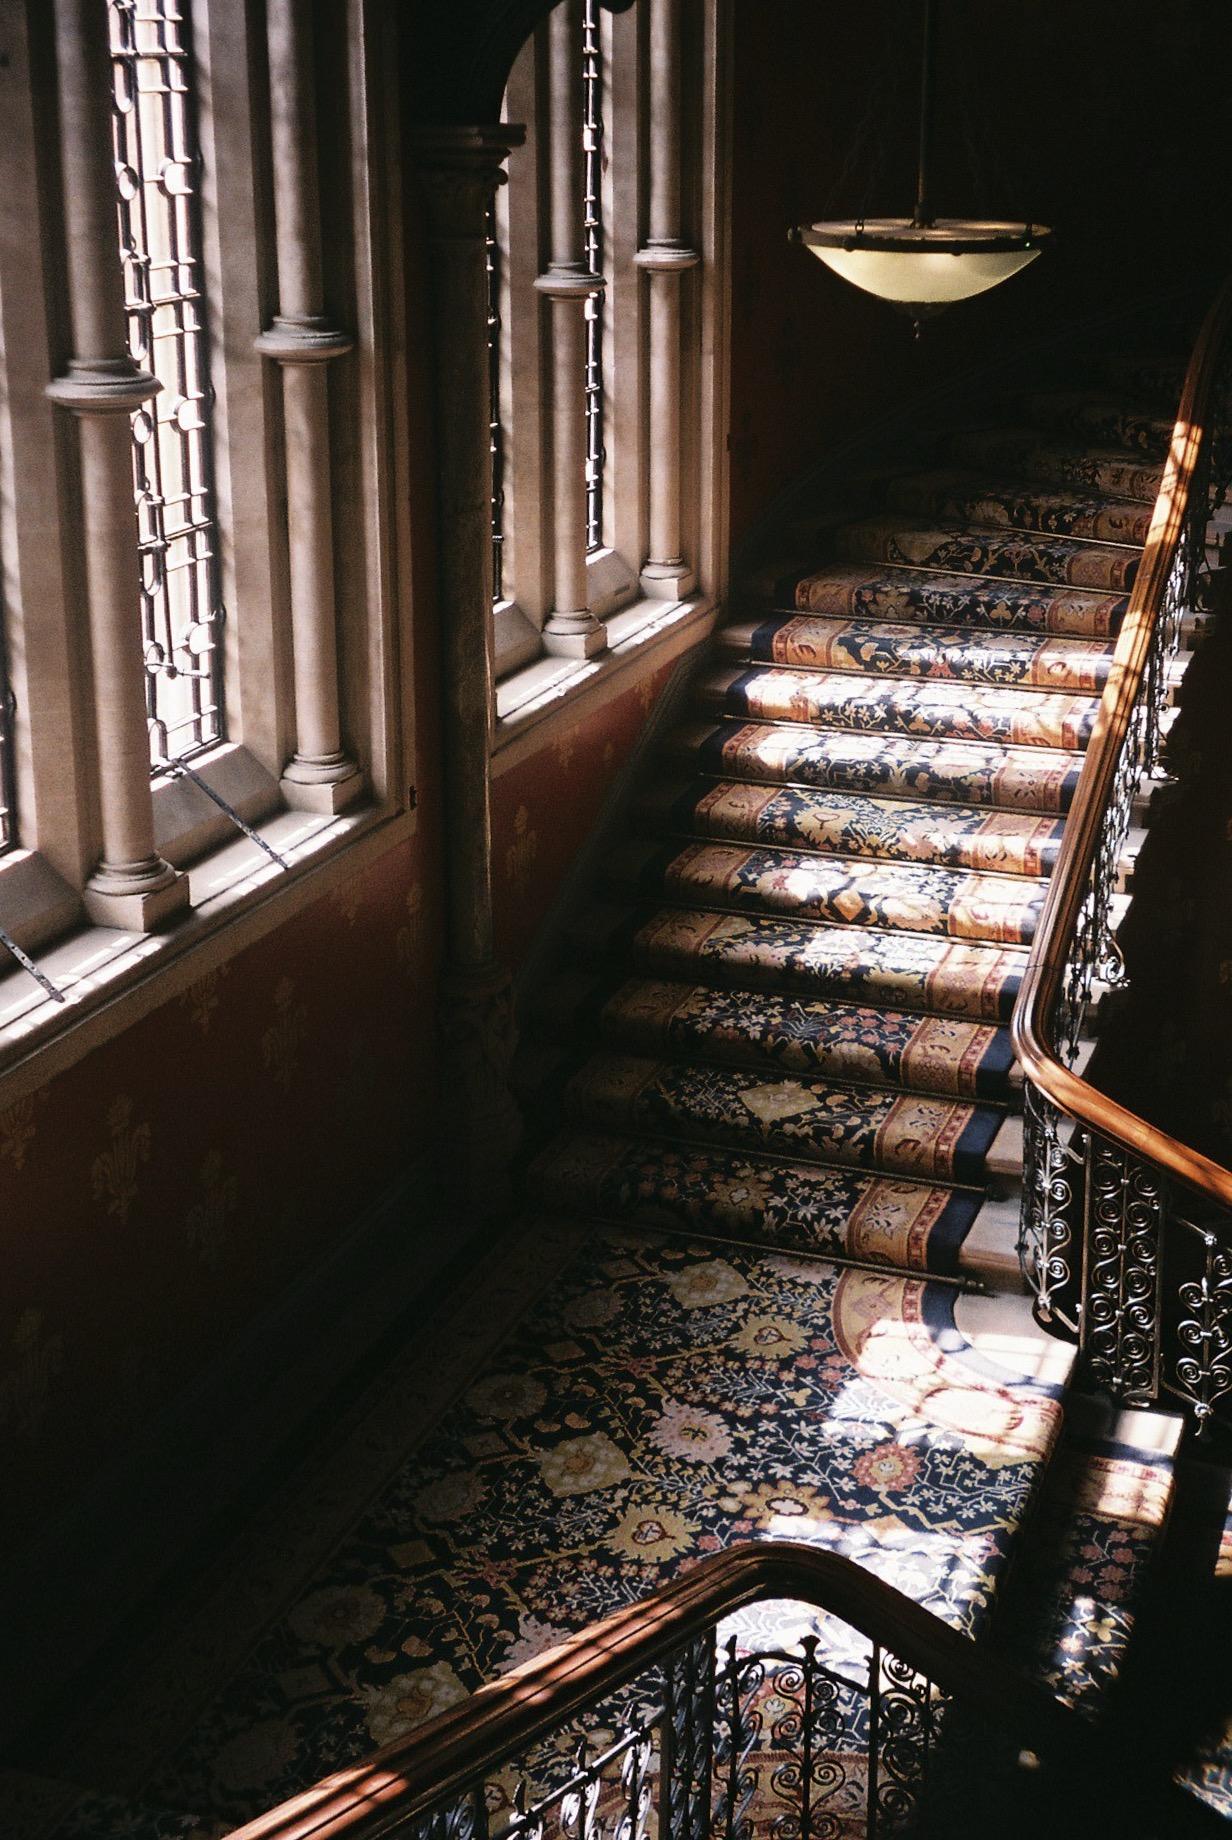 """Do these stairs look familiar to you? I bet they do, this is where the Spice Girls music video """"Wannabe"""" was shot.  / Estas escadas parecem-te familiares? Nem mais, foi onde foi gravado o videoclip das Spice Girls intitulado de """"Wannabe""""."""